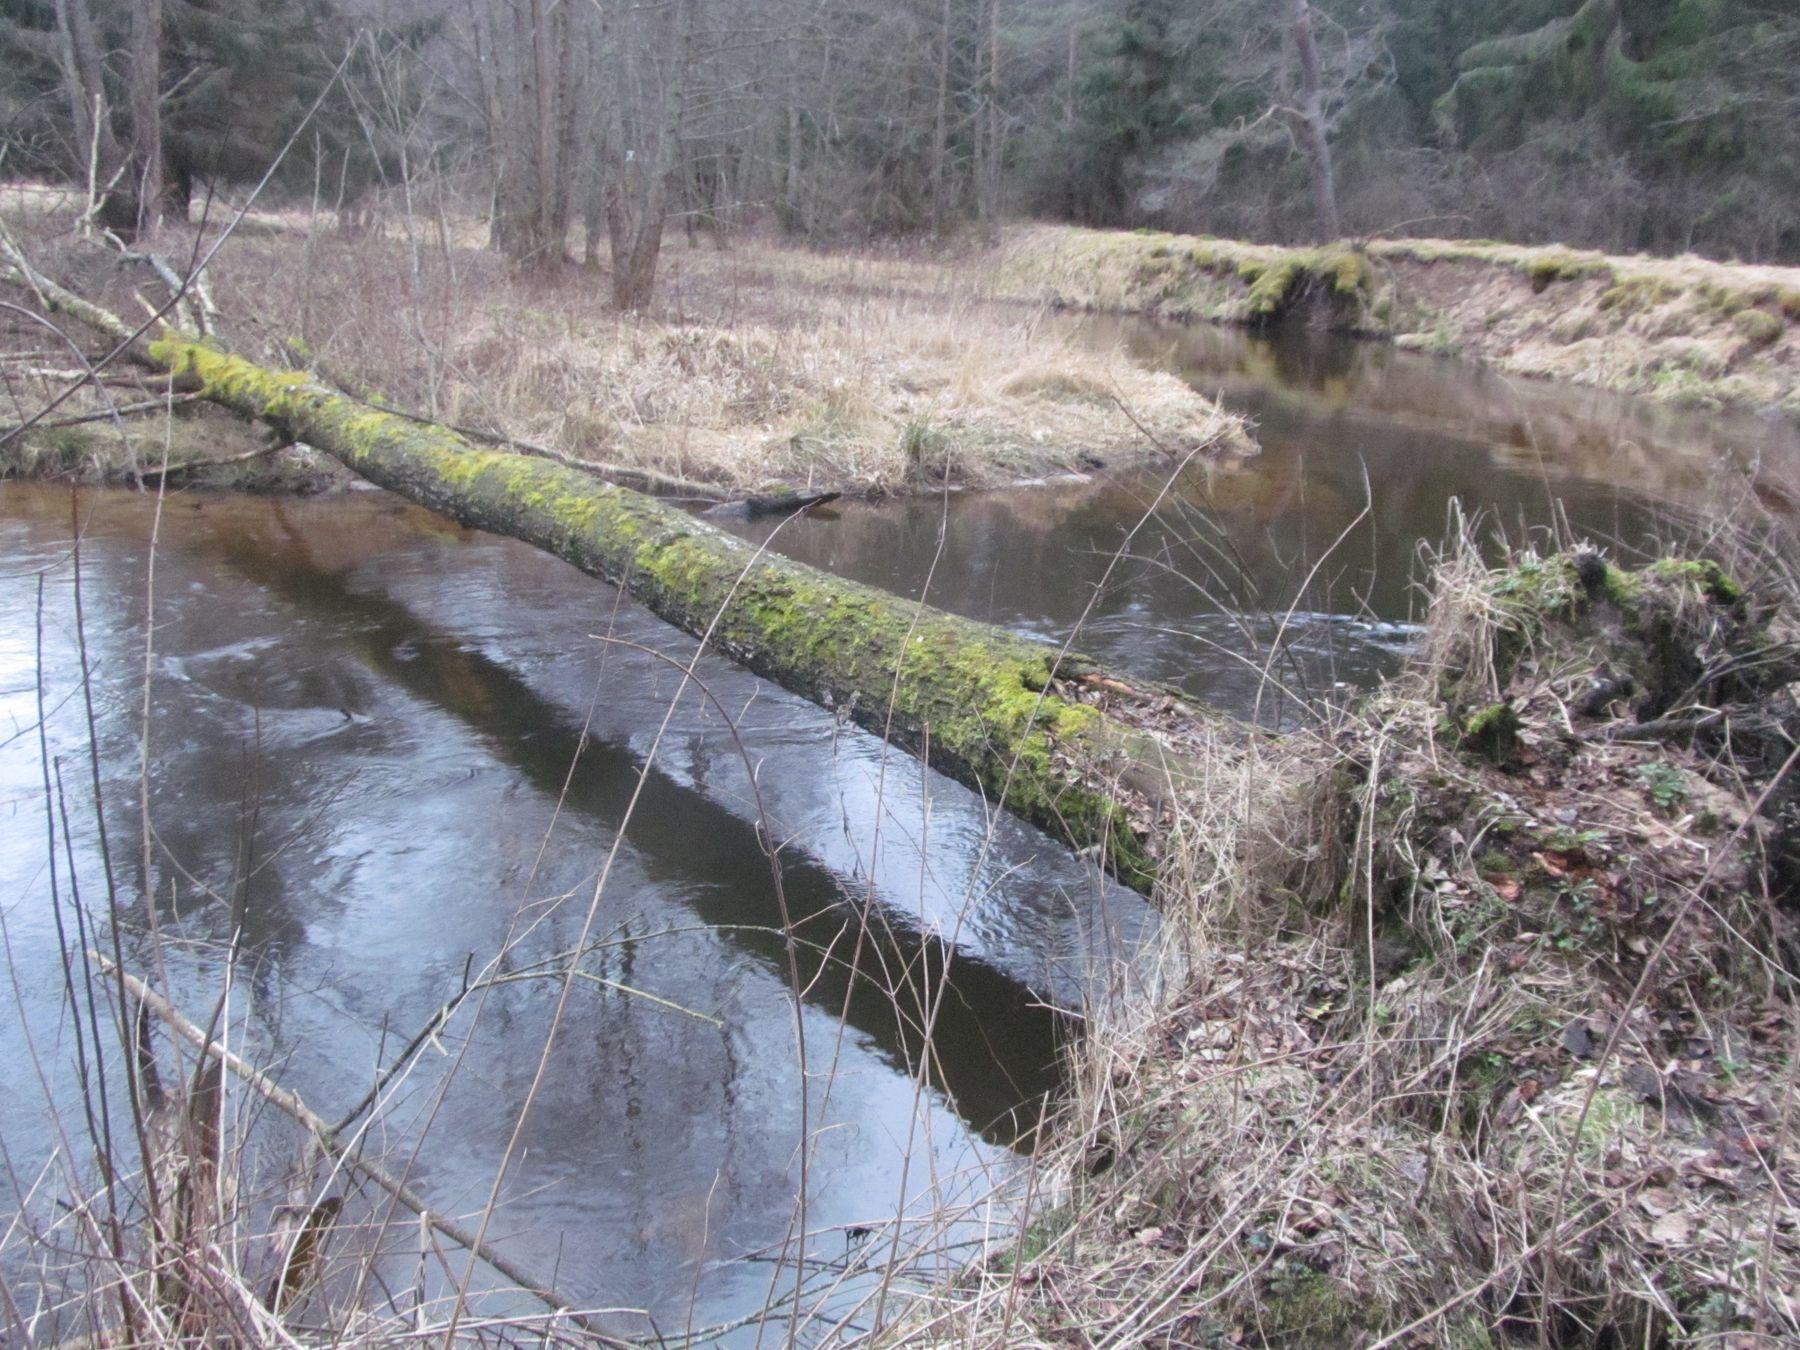 природа создает мосты река.осень.природа.мост.дерево